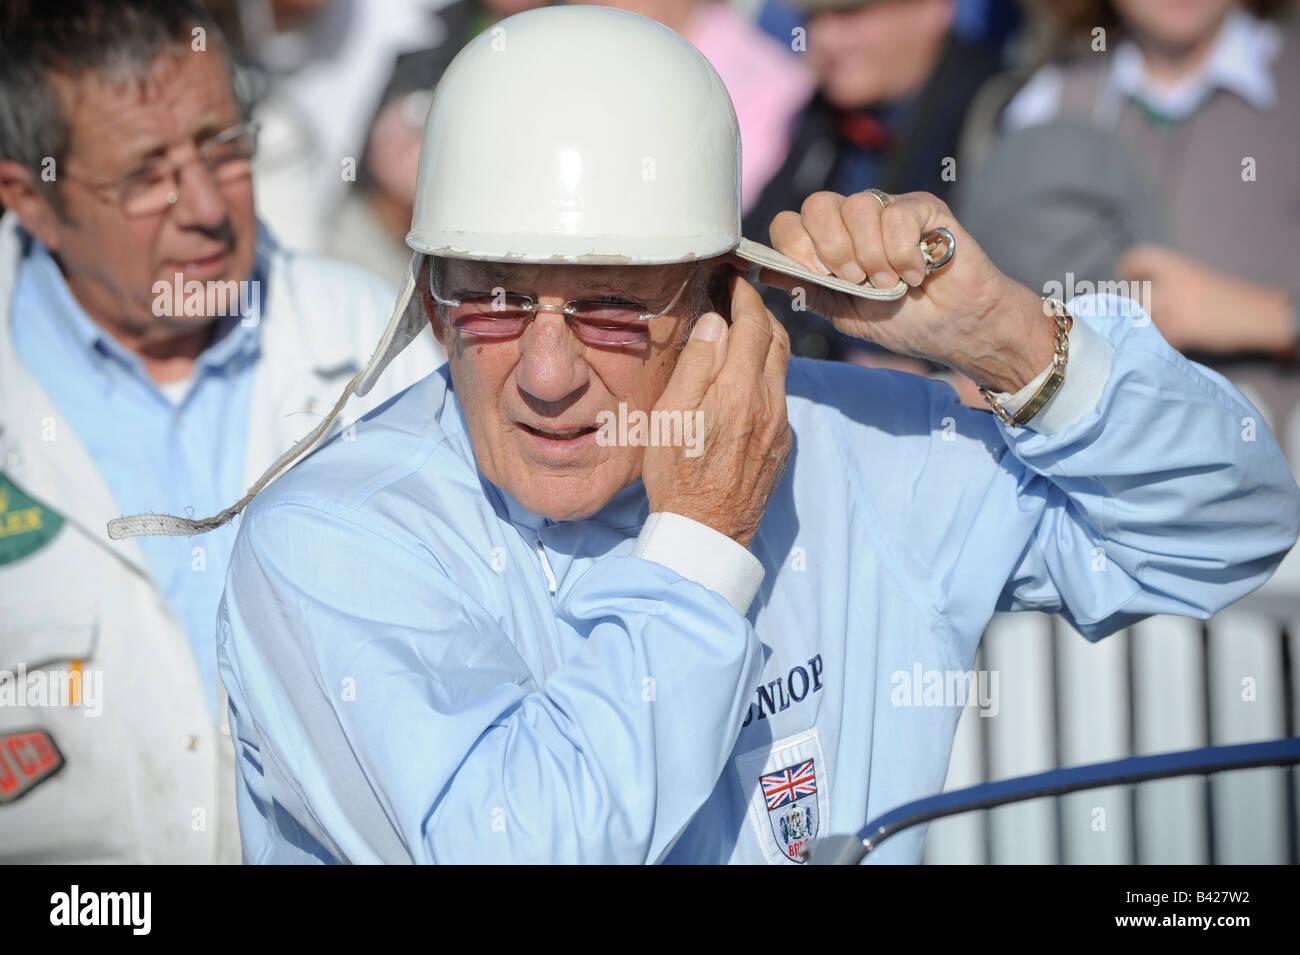 Goodwood Revival 2008: Sterling Moss im Chat mit anderen Fahrern vor Fahrtantritt. Bild von Jim Holden.Stockfoto